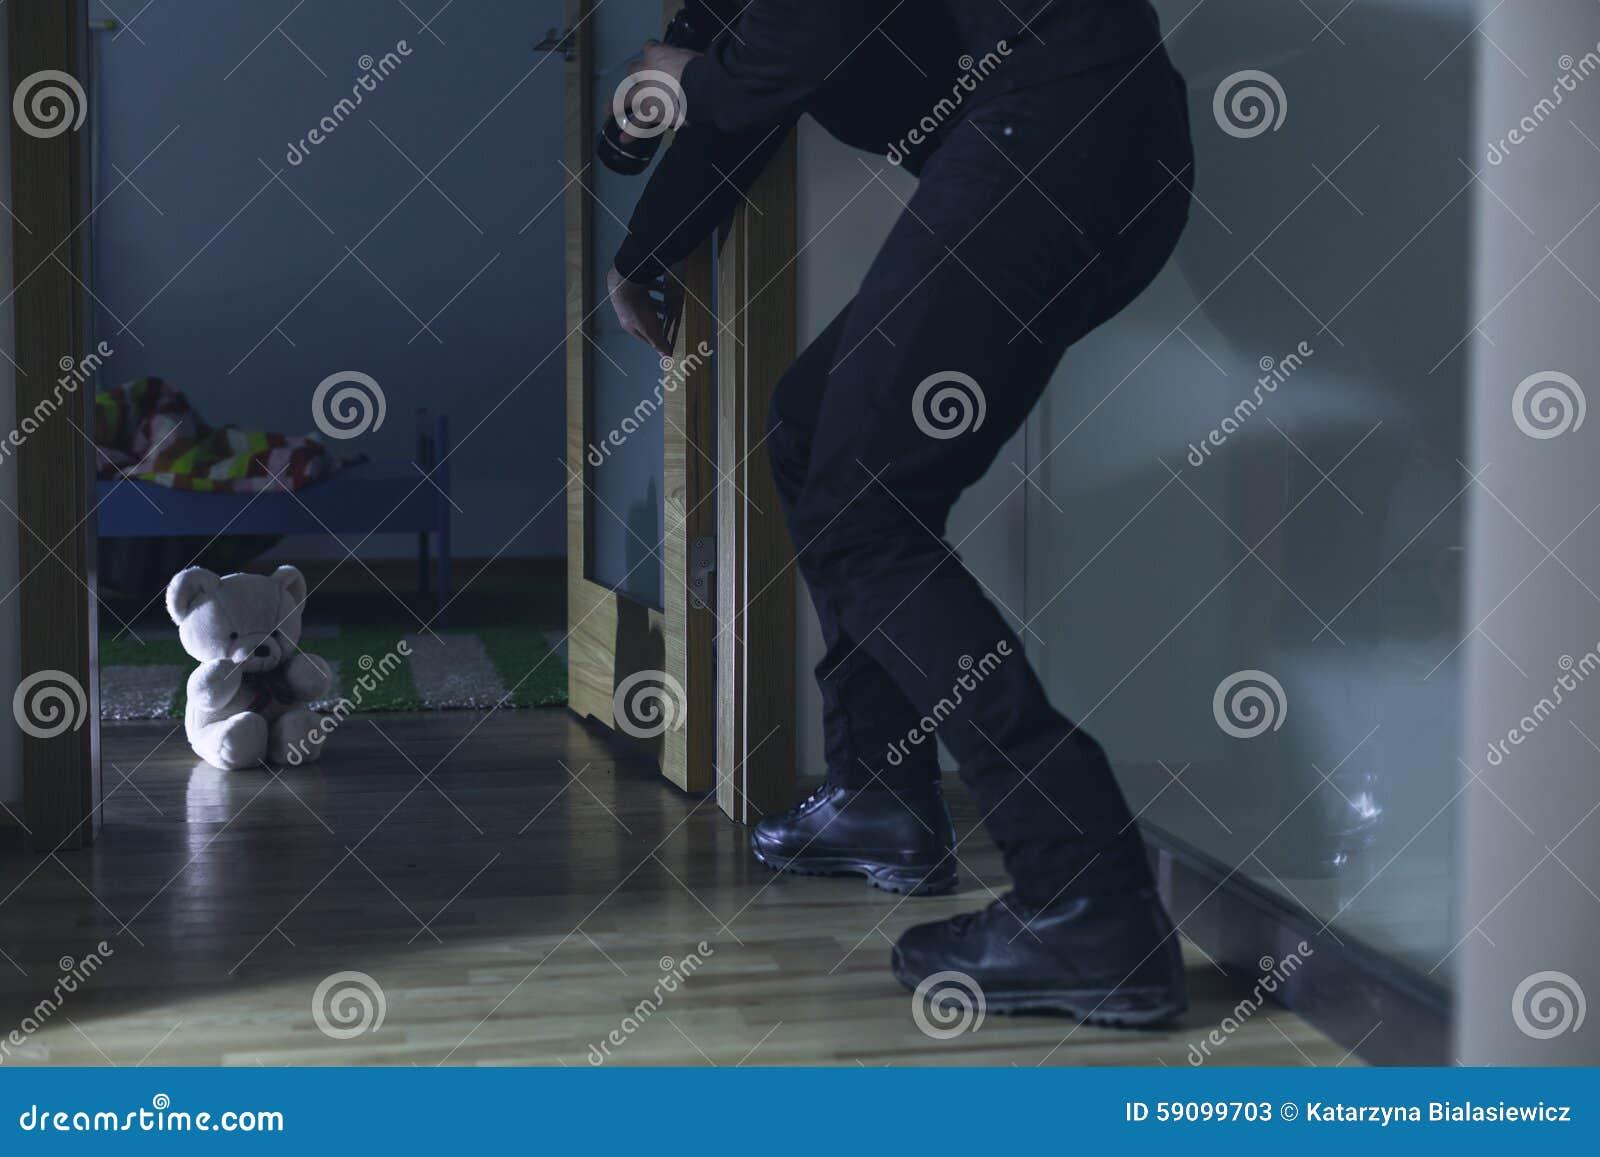 Man breaking into child s bedroom